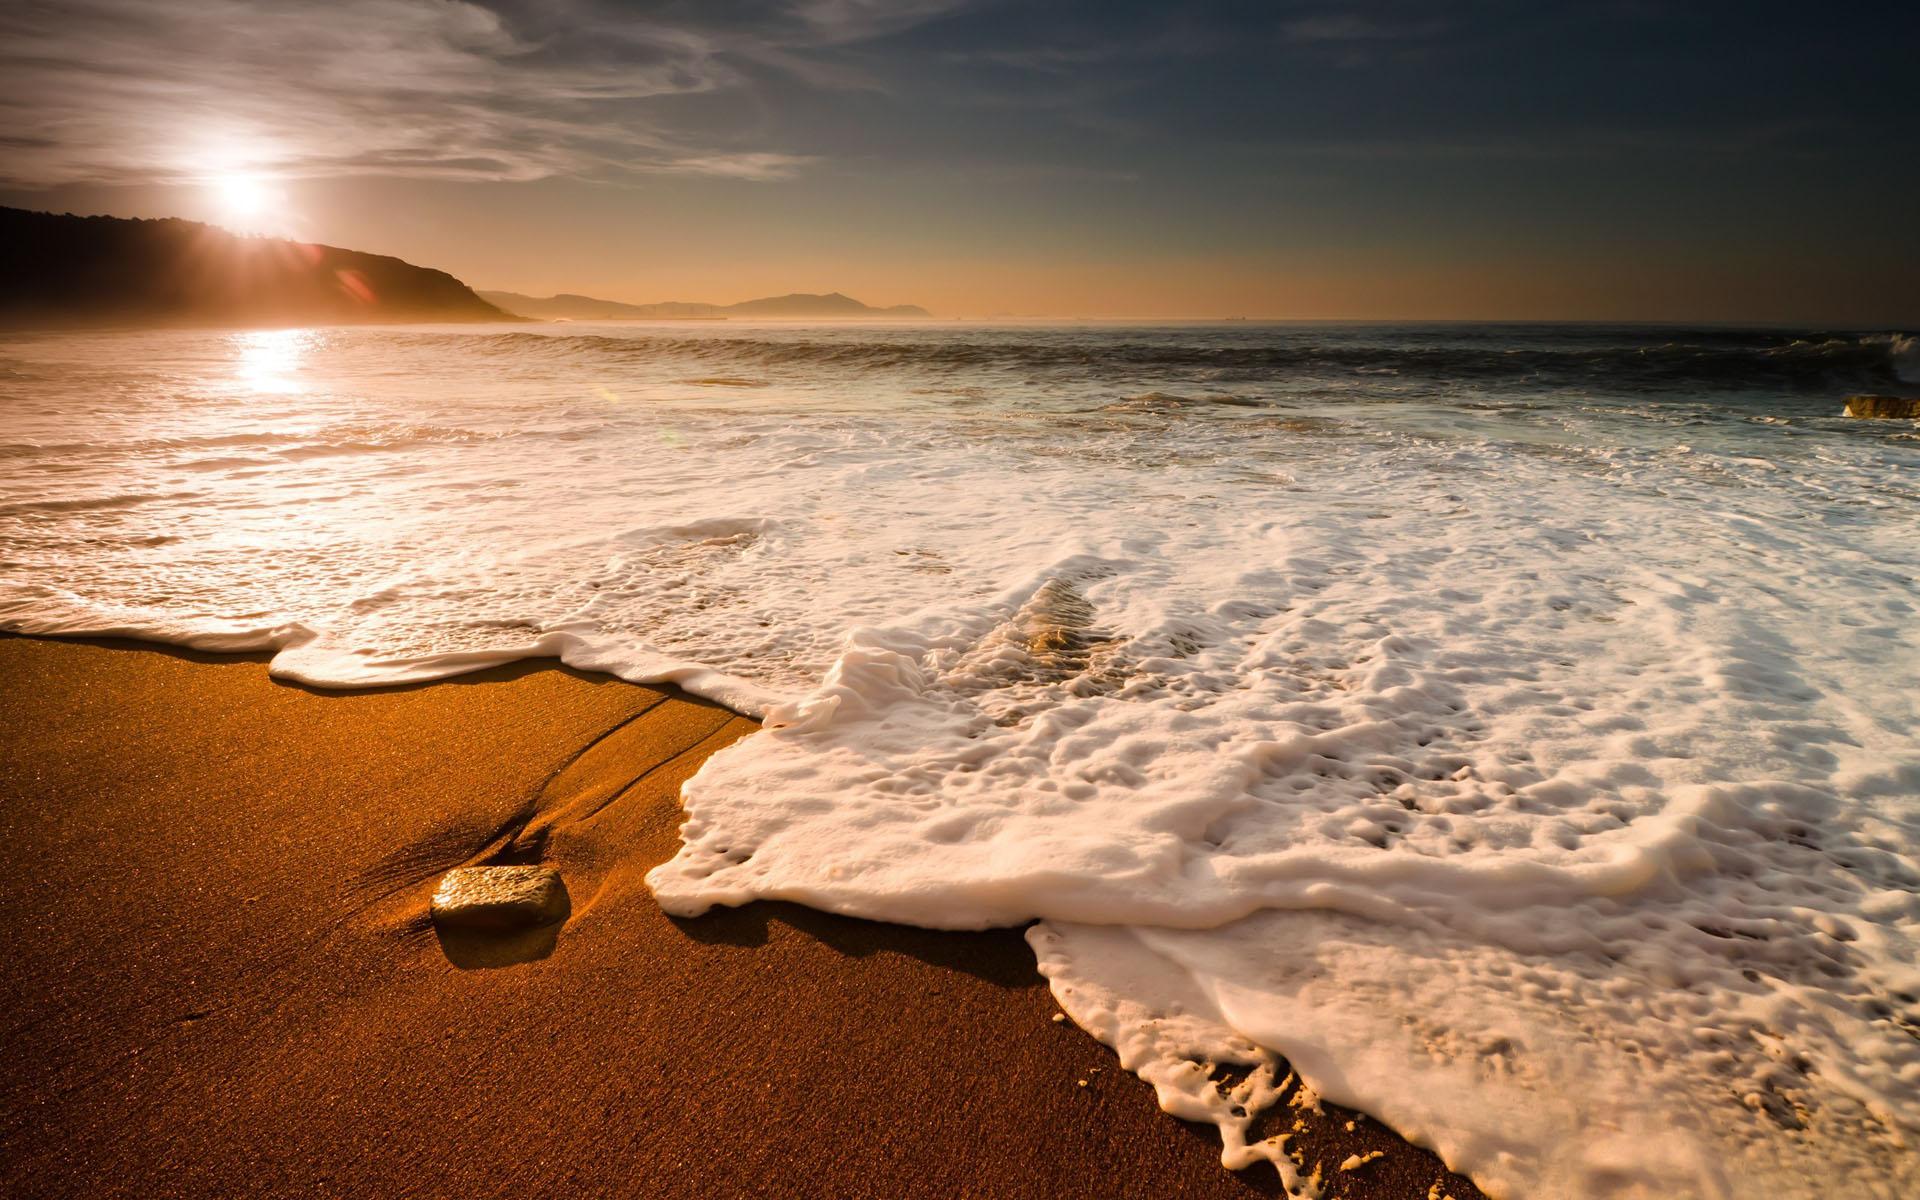 صور بحر خلفيات البحار والمياة بجودة HD (2)